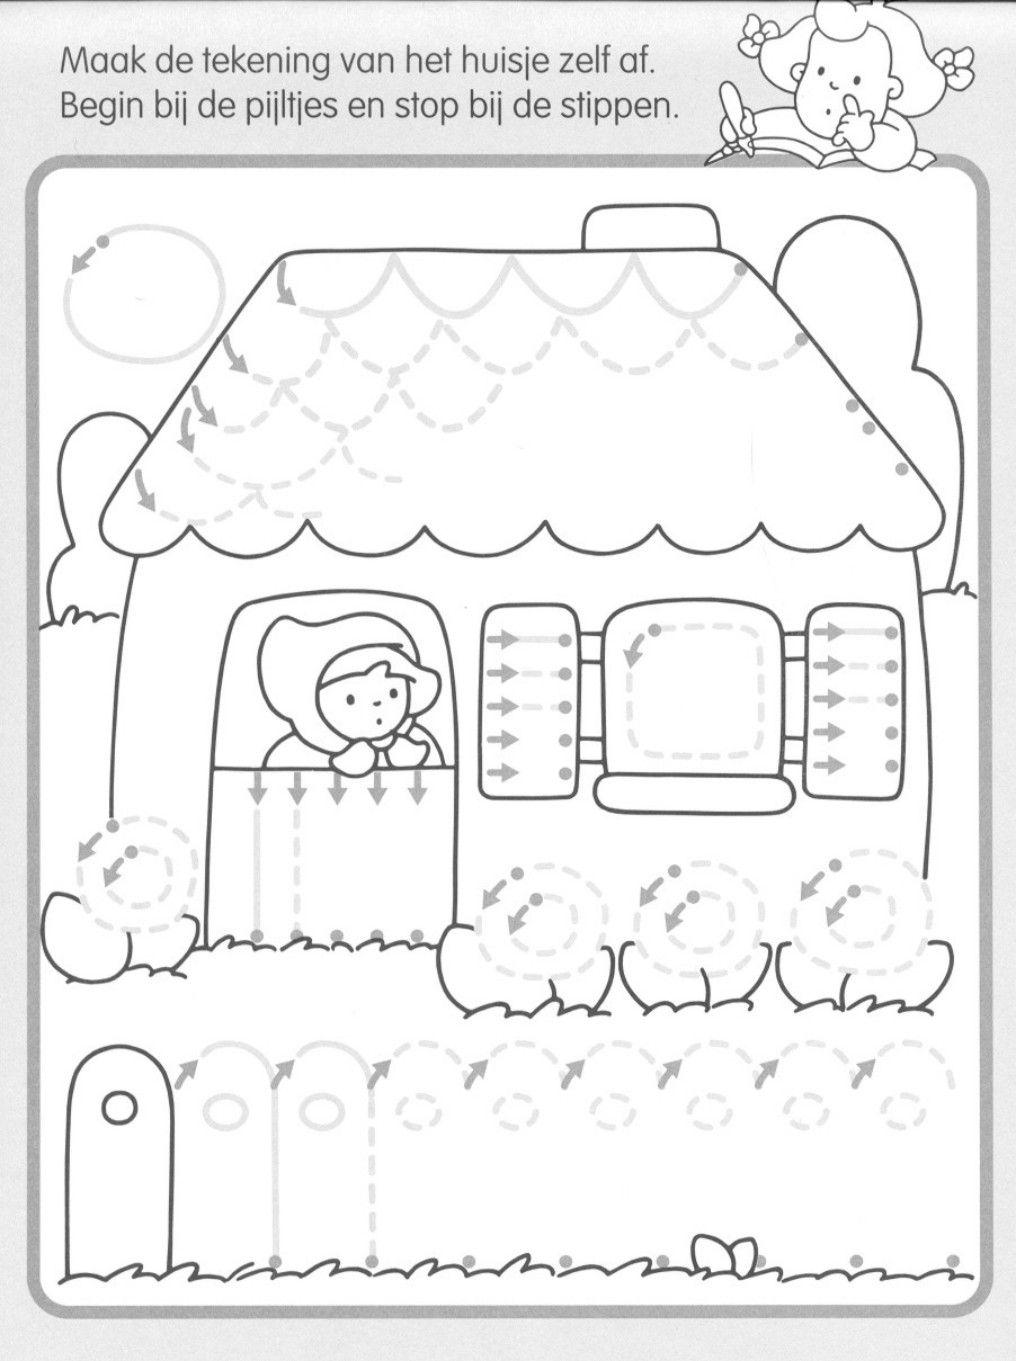 schrijfpatronen fijne motoriek schrijfpatronen pinterest vorschule schwung bungen und schule. Black Bedroom Furniture Sets. Home Design Ideas